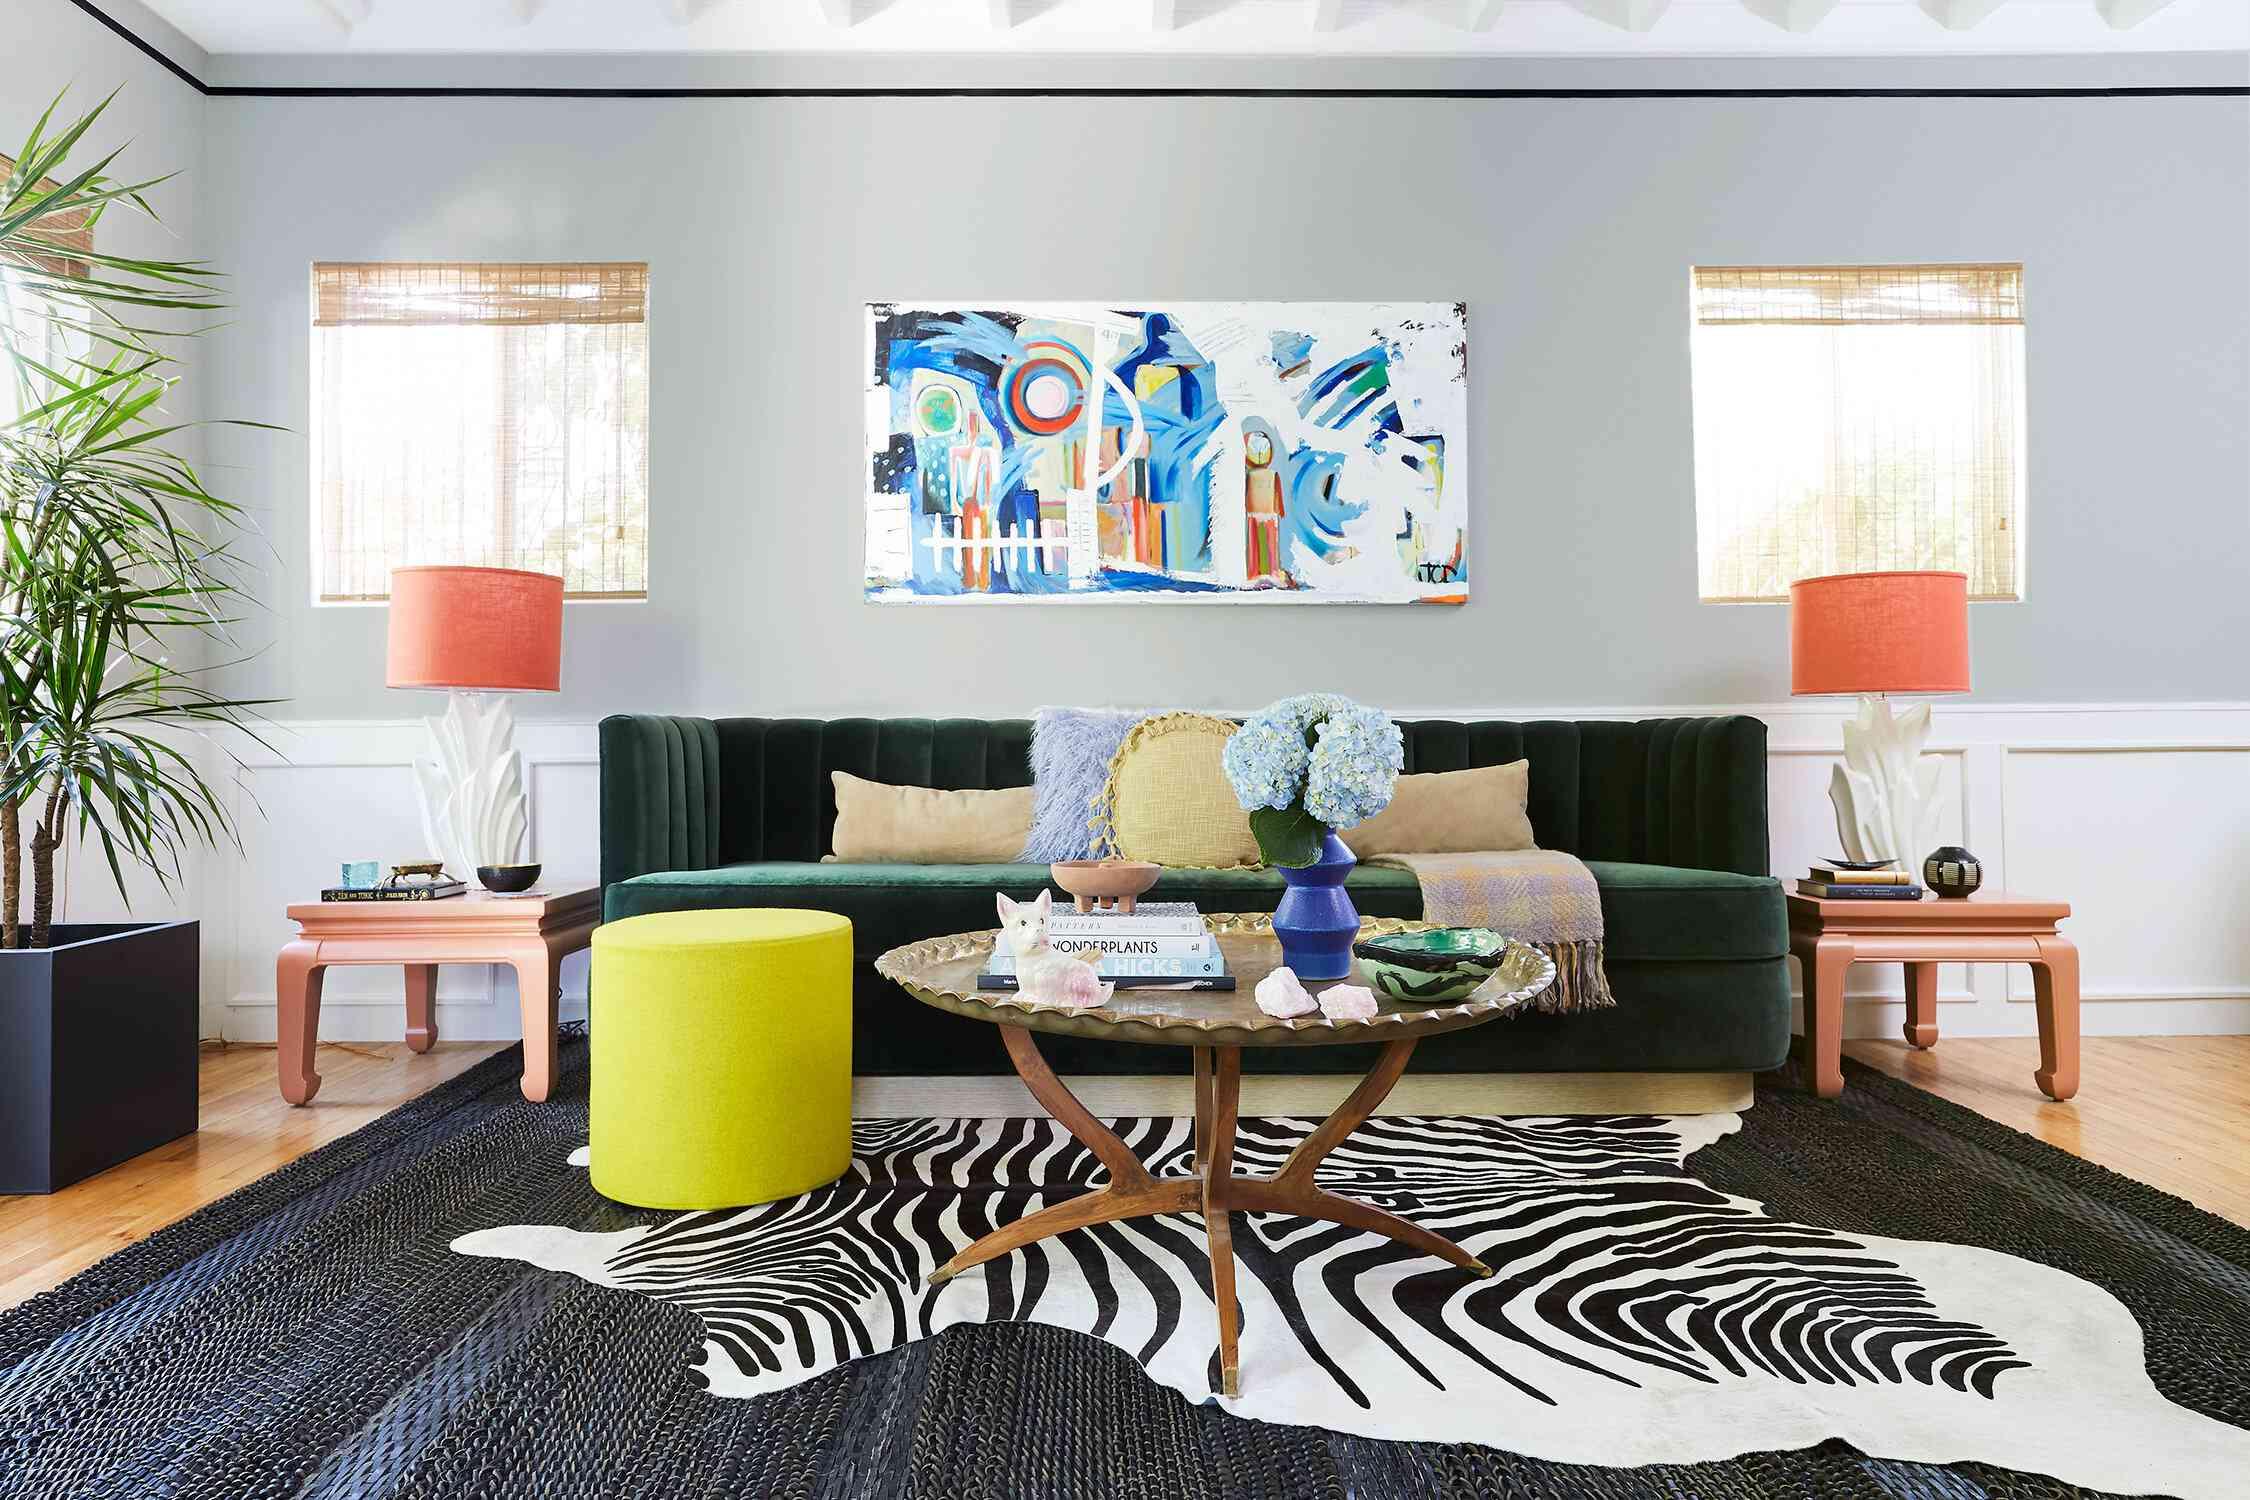 sala de estar maximalista con una alfombra de cebra